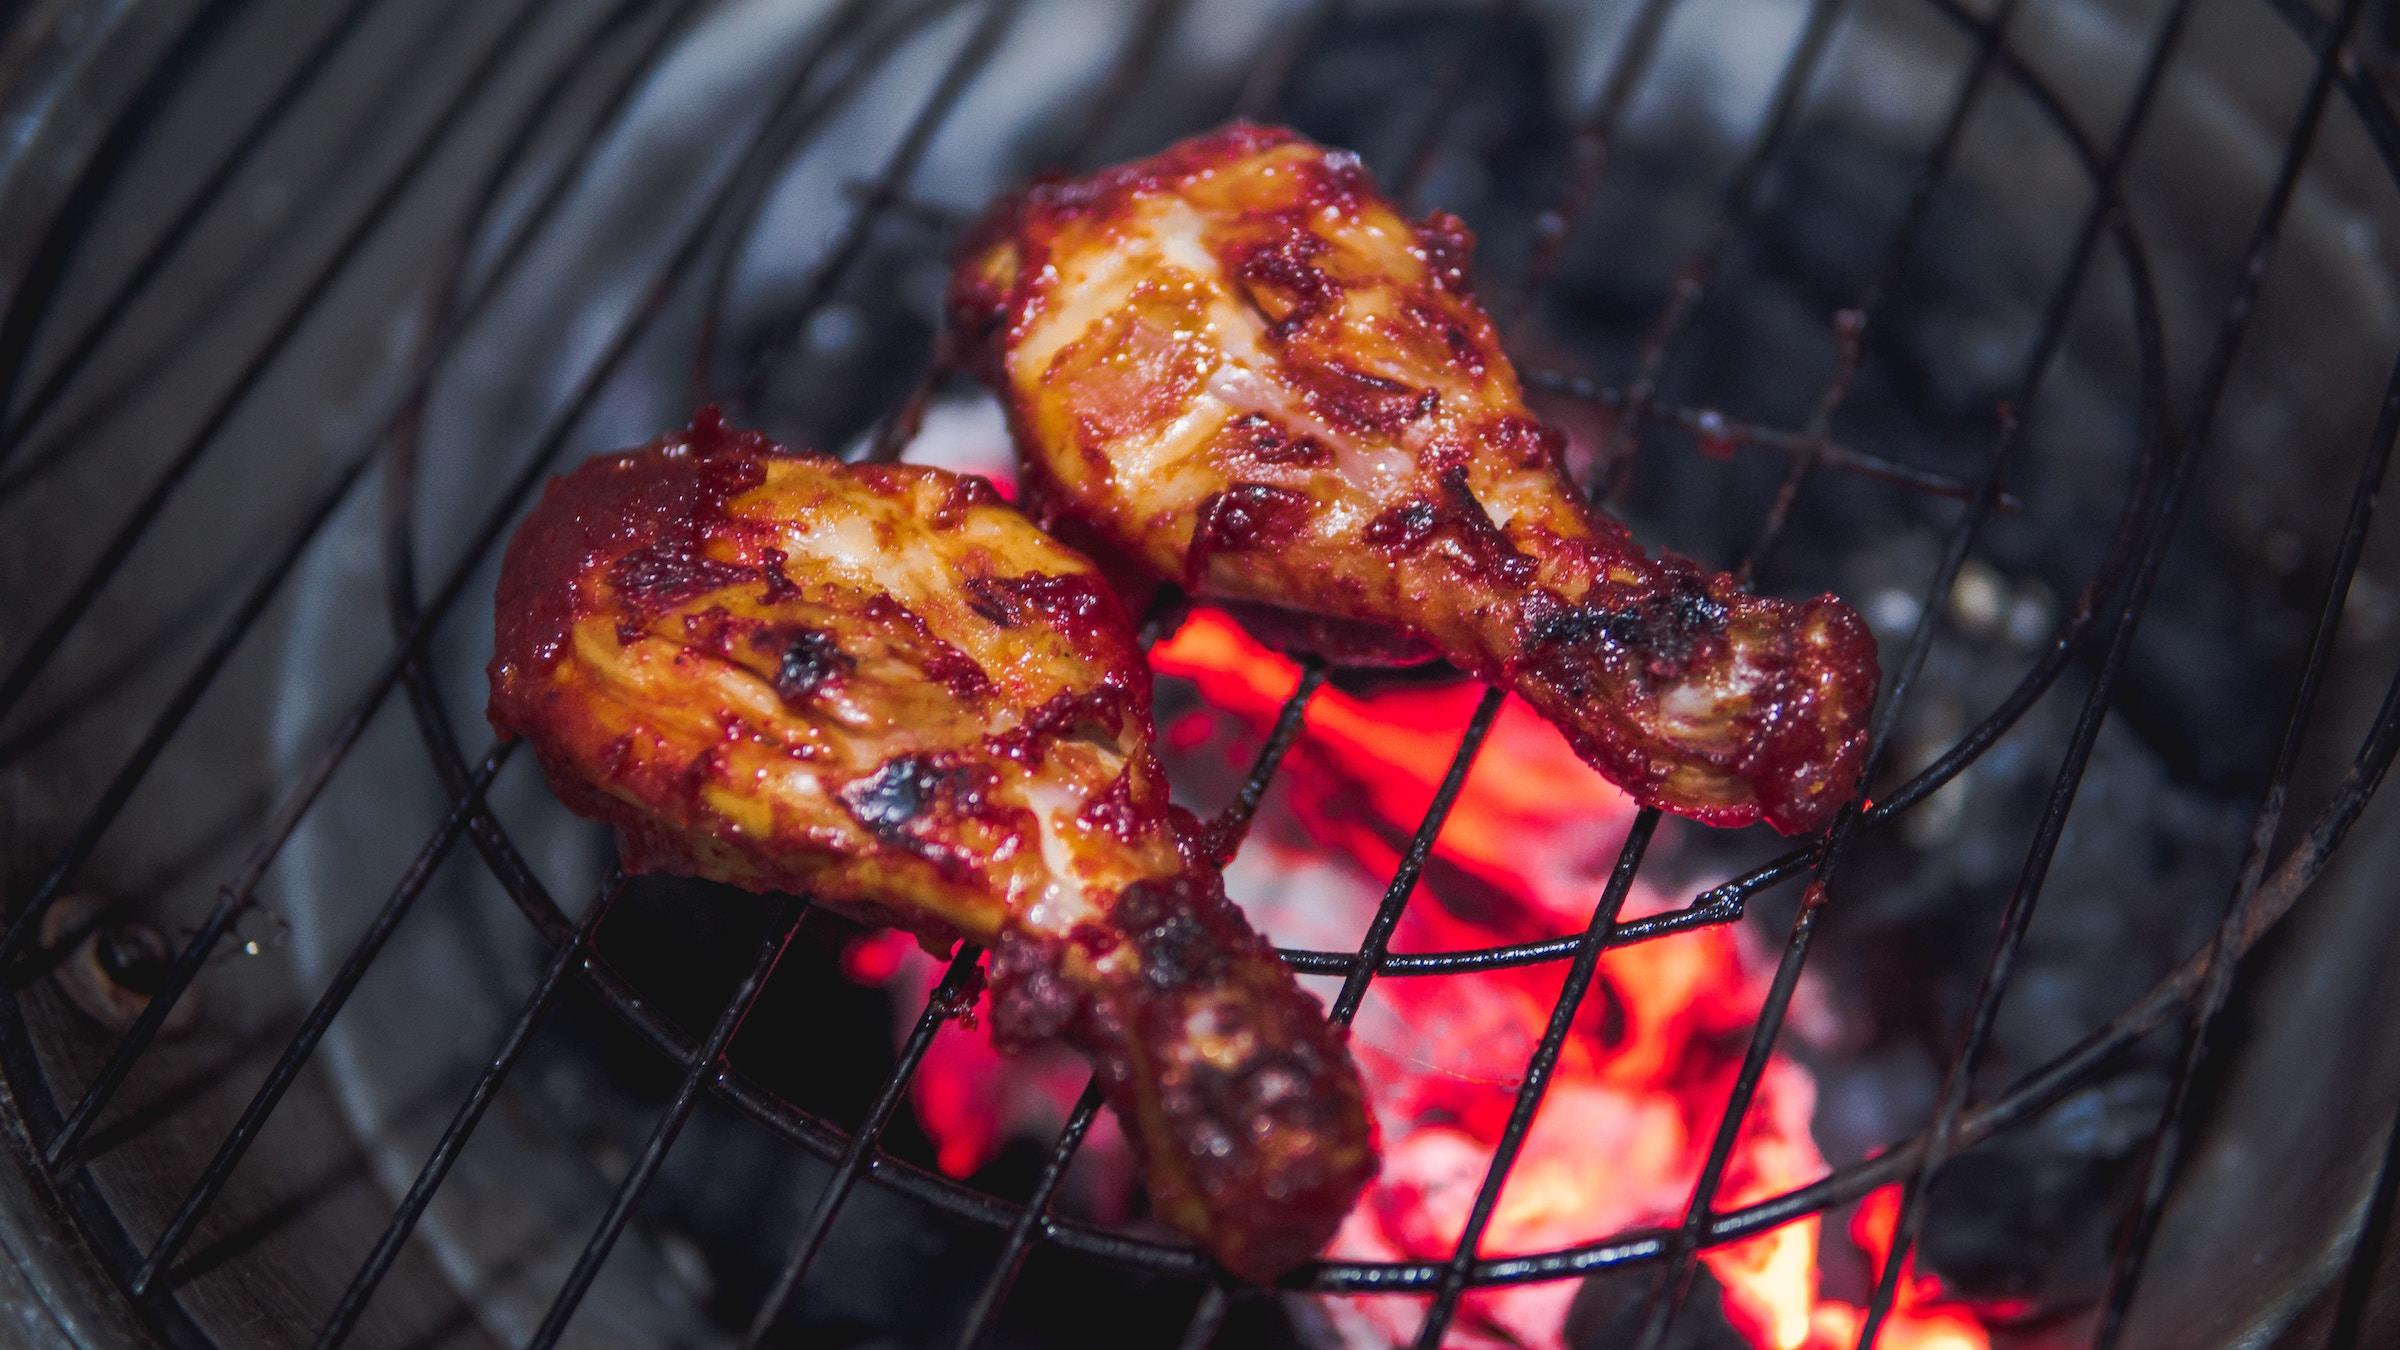 東千歳バーベキューでジューシーな鶏肉を堪能!リピーター続出の人気の秘密は?